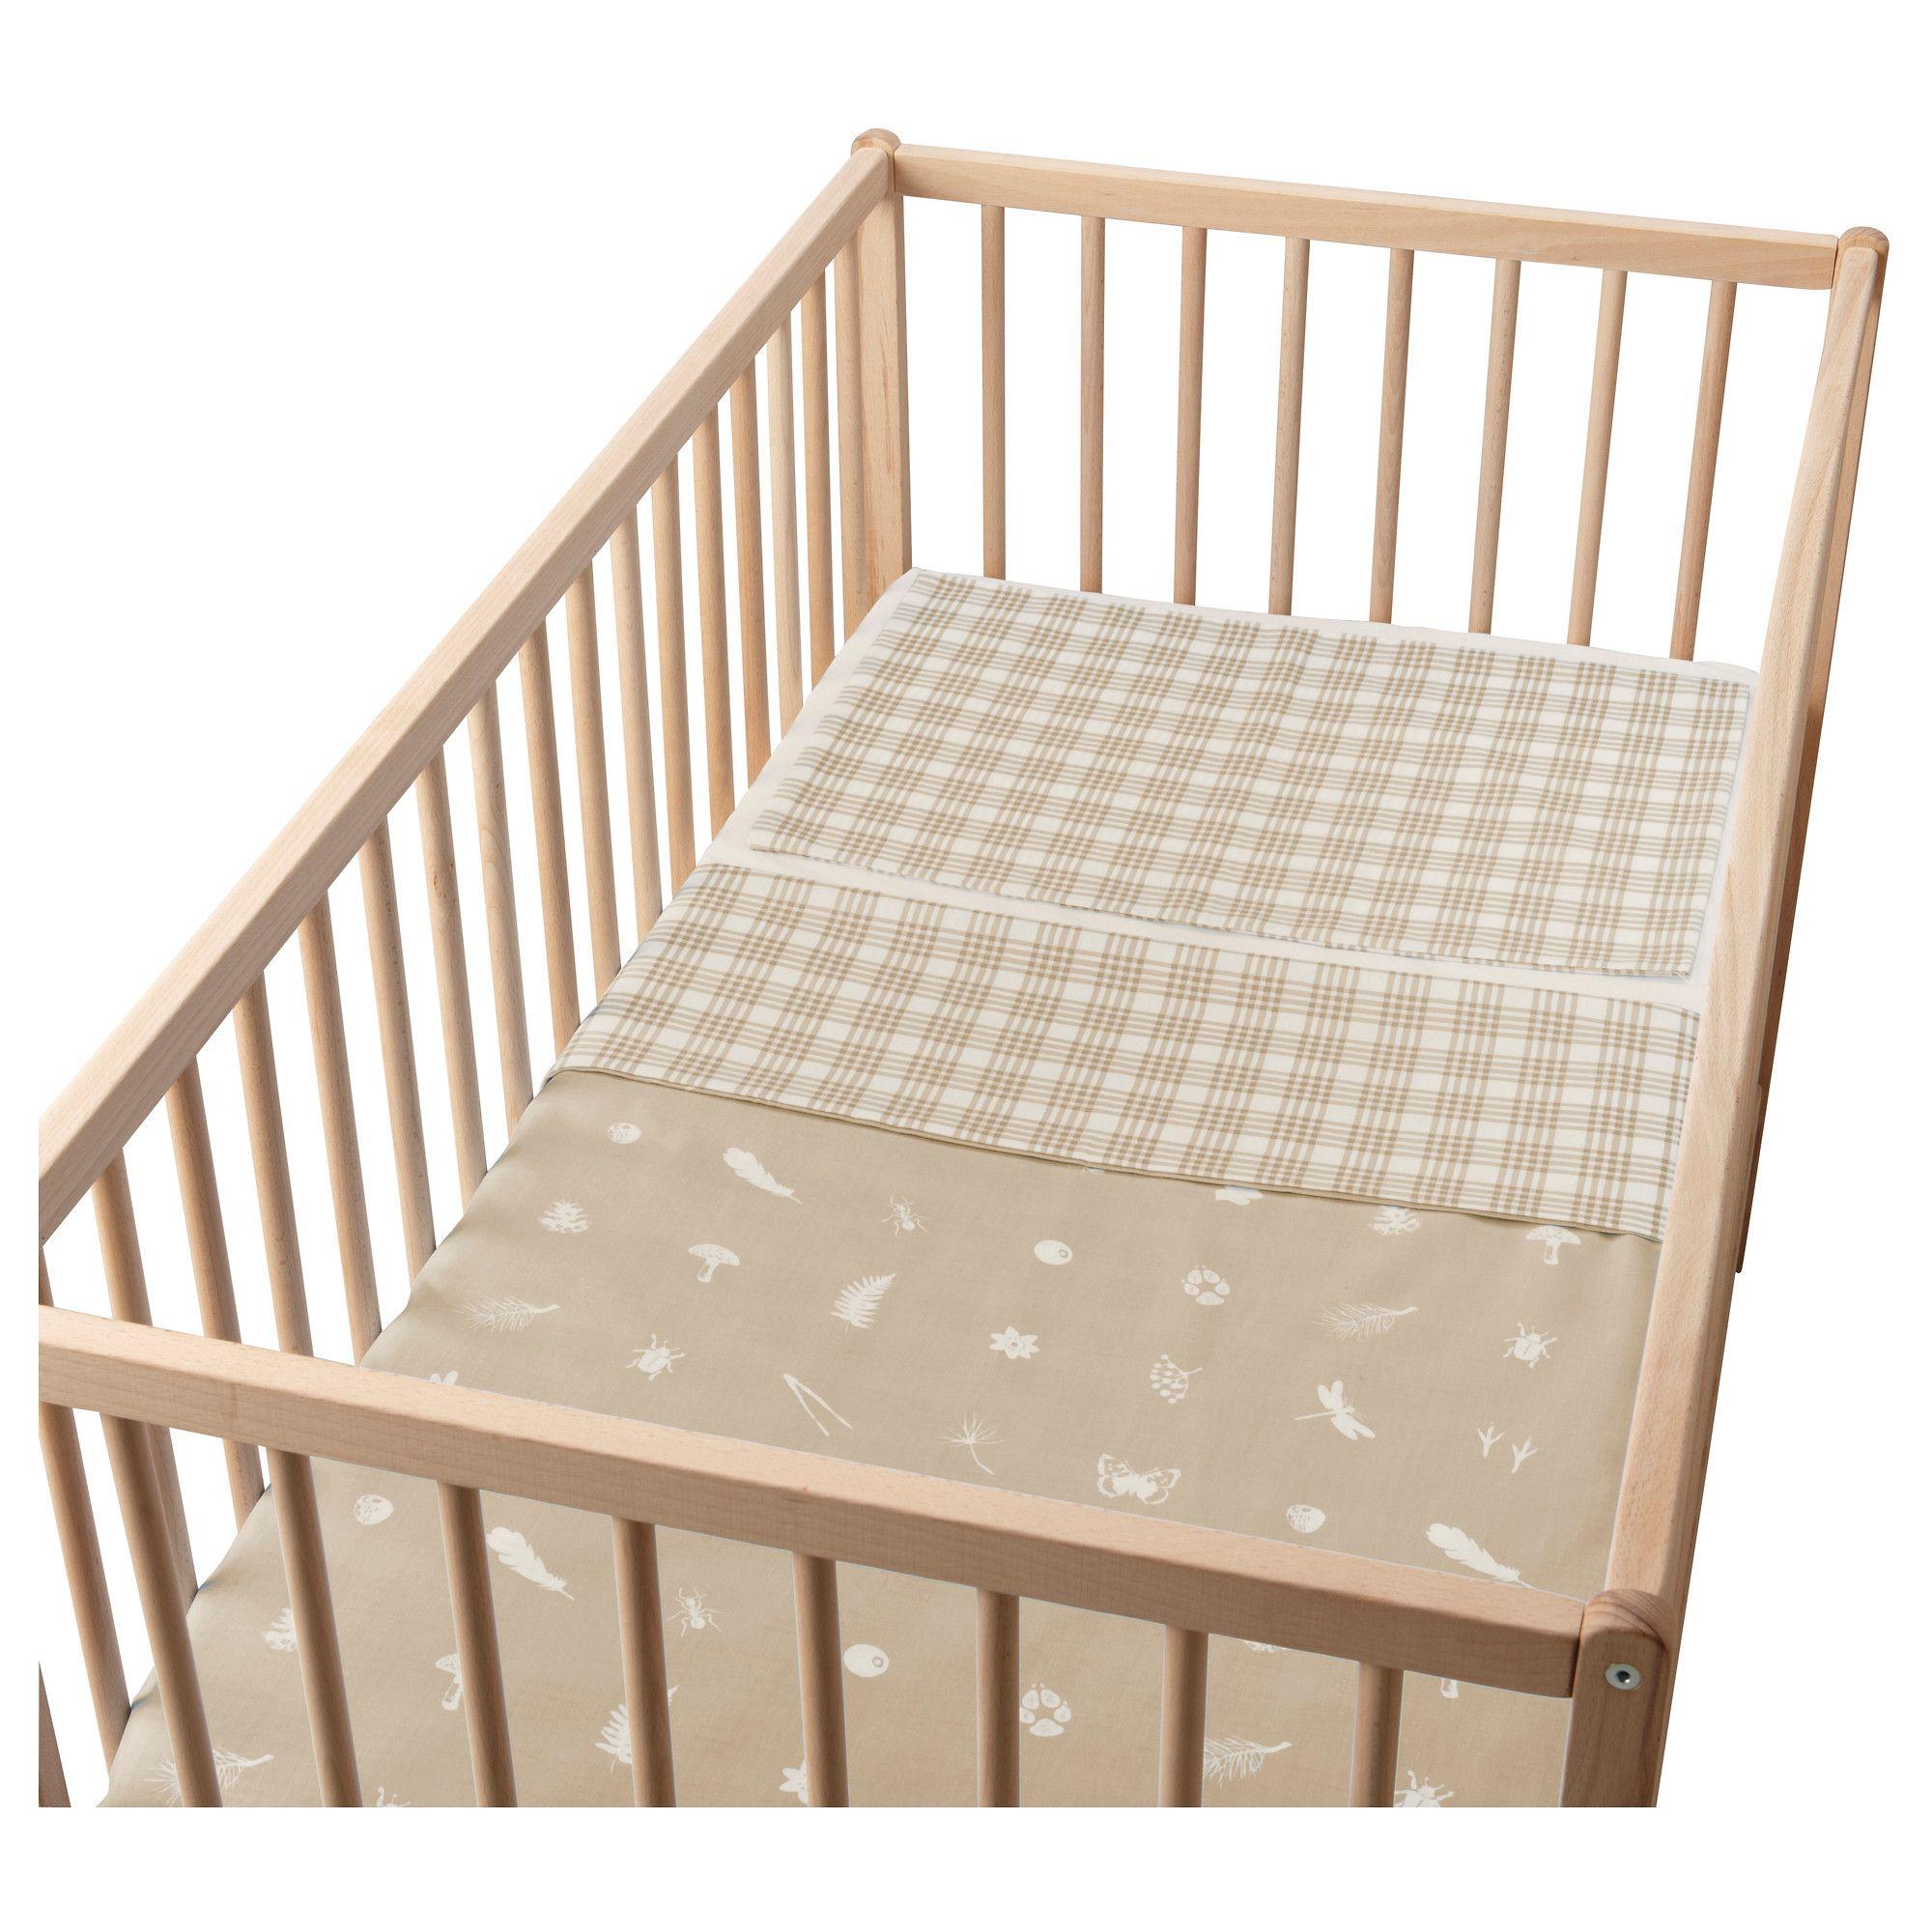 VANDRING SKOG Crib duvet cover/pillowcase - beige - IKEA $9.99